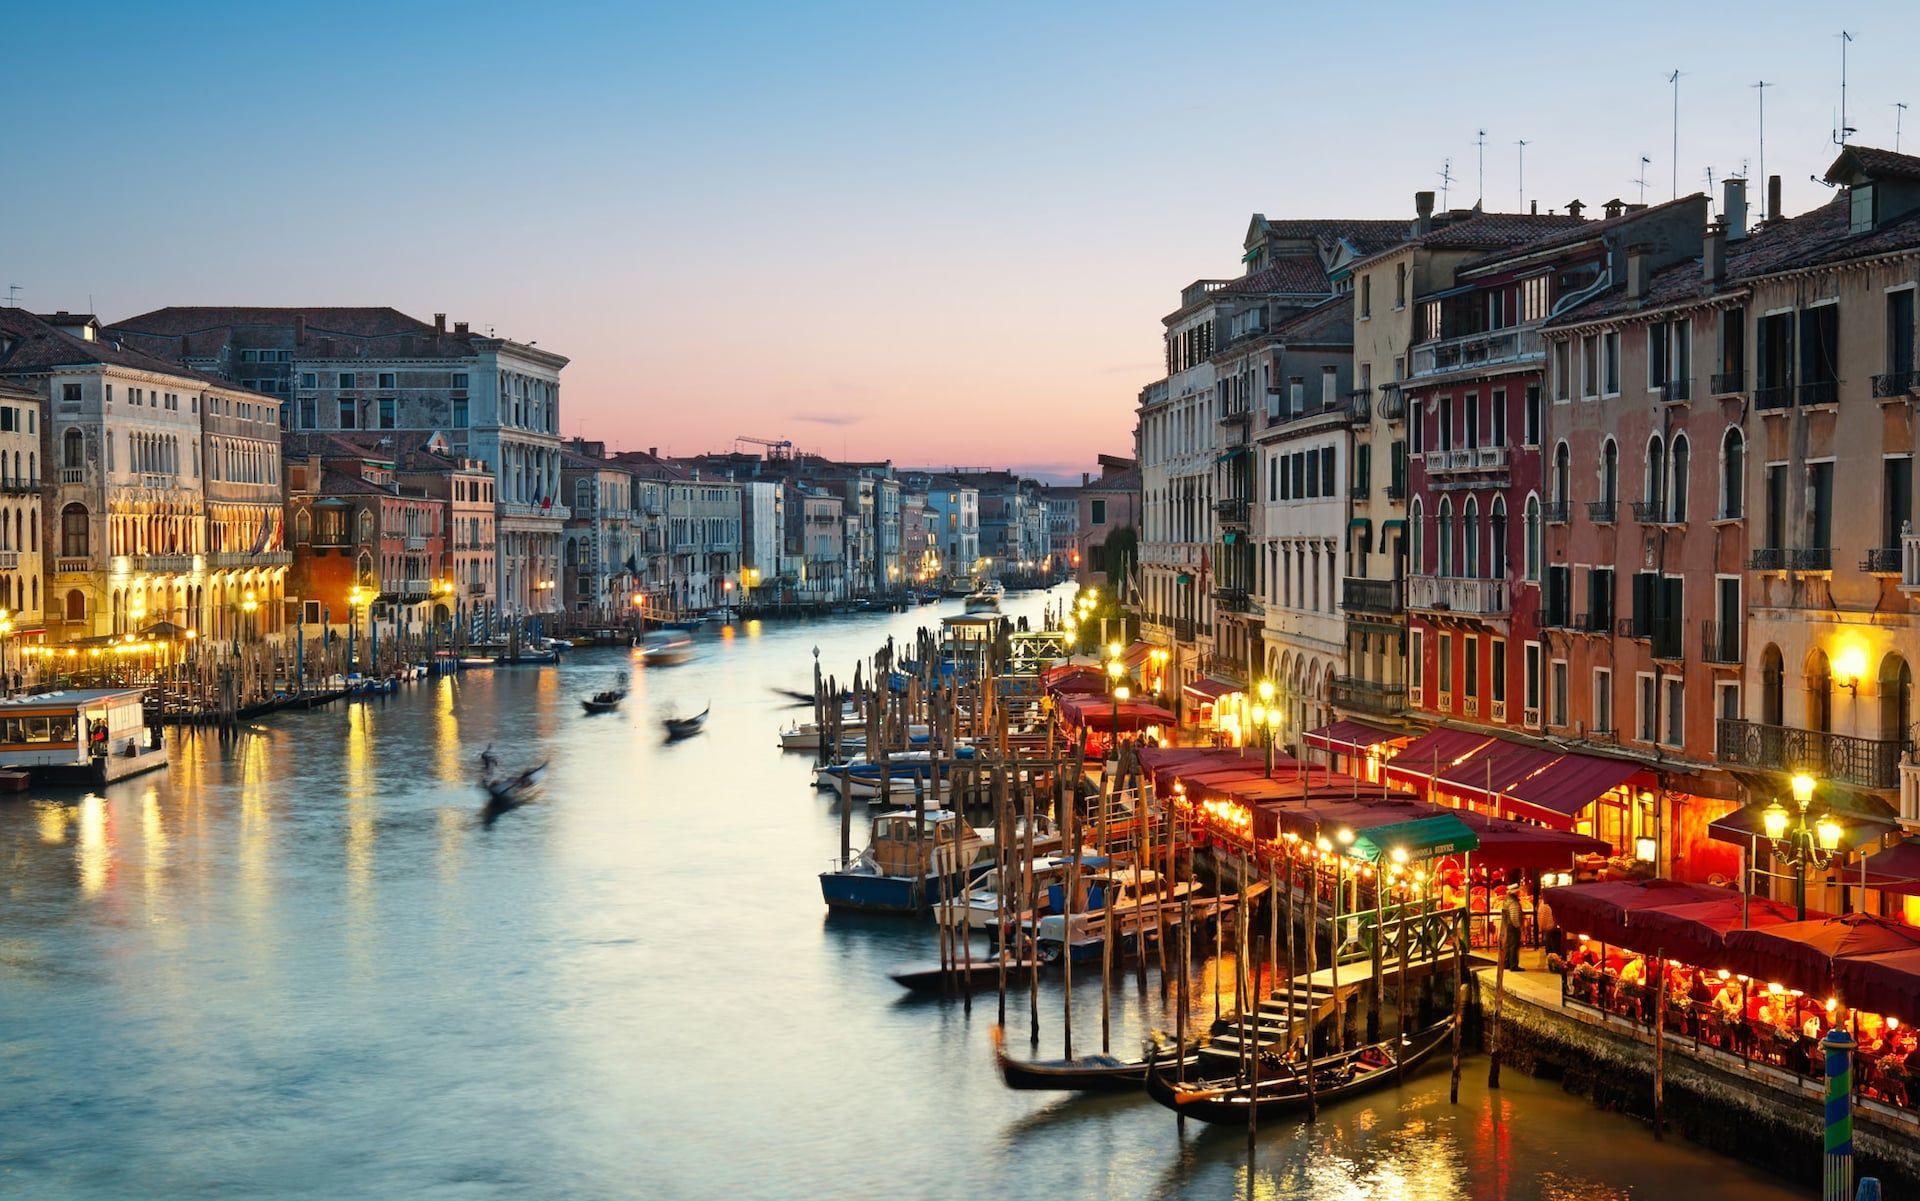 Hình ảnh Venice thành phố lãng mạn nhất thế giới